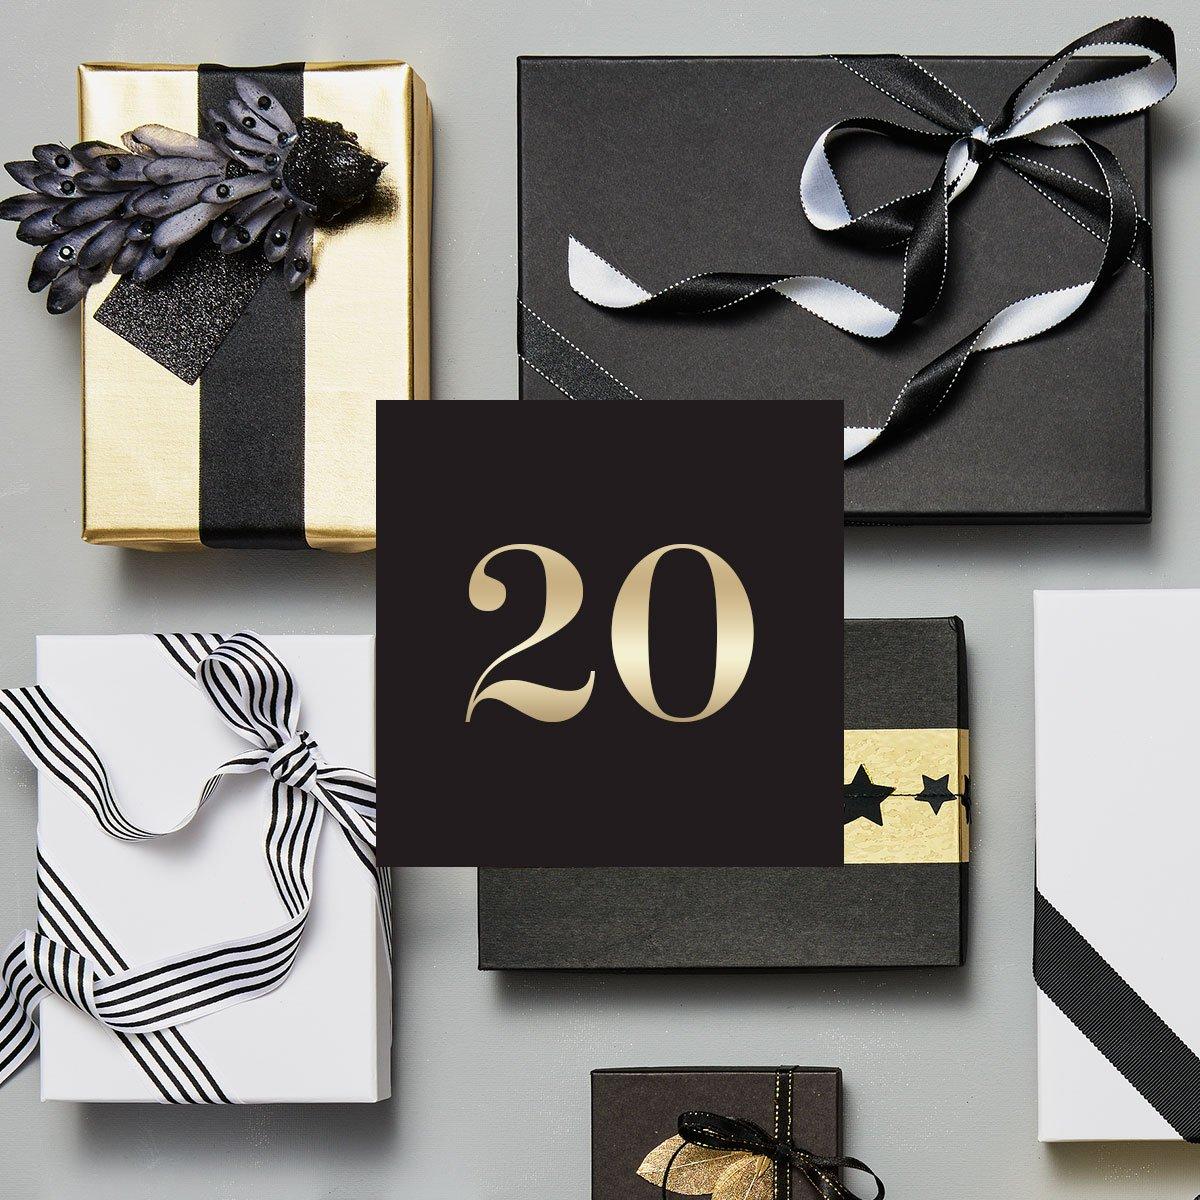 🔔 H&M CLUB Julekalender - 20. december 🔔 Julen varer længe, koster mange penge... Spar lidt ekstra med dagens jule-reward i H&M-appen. Tilbuddet gælder i vores butikker i dag 🛍️ https://t.co/VLF0MXzG3D